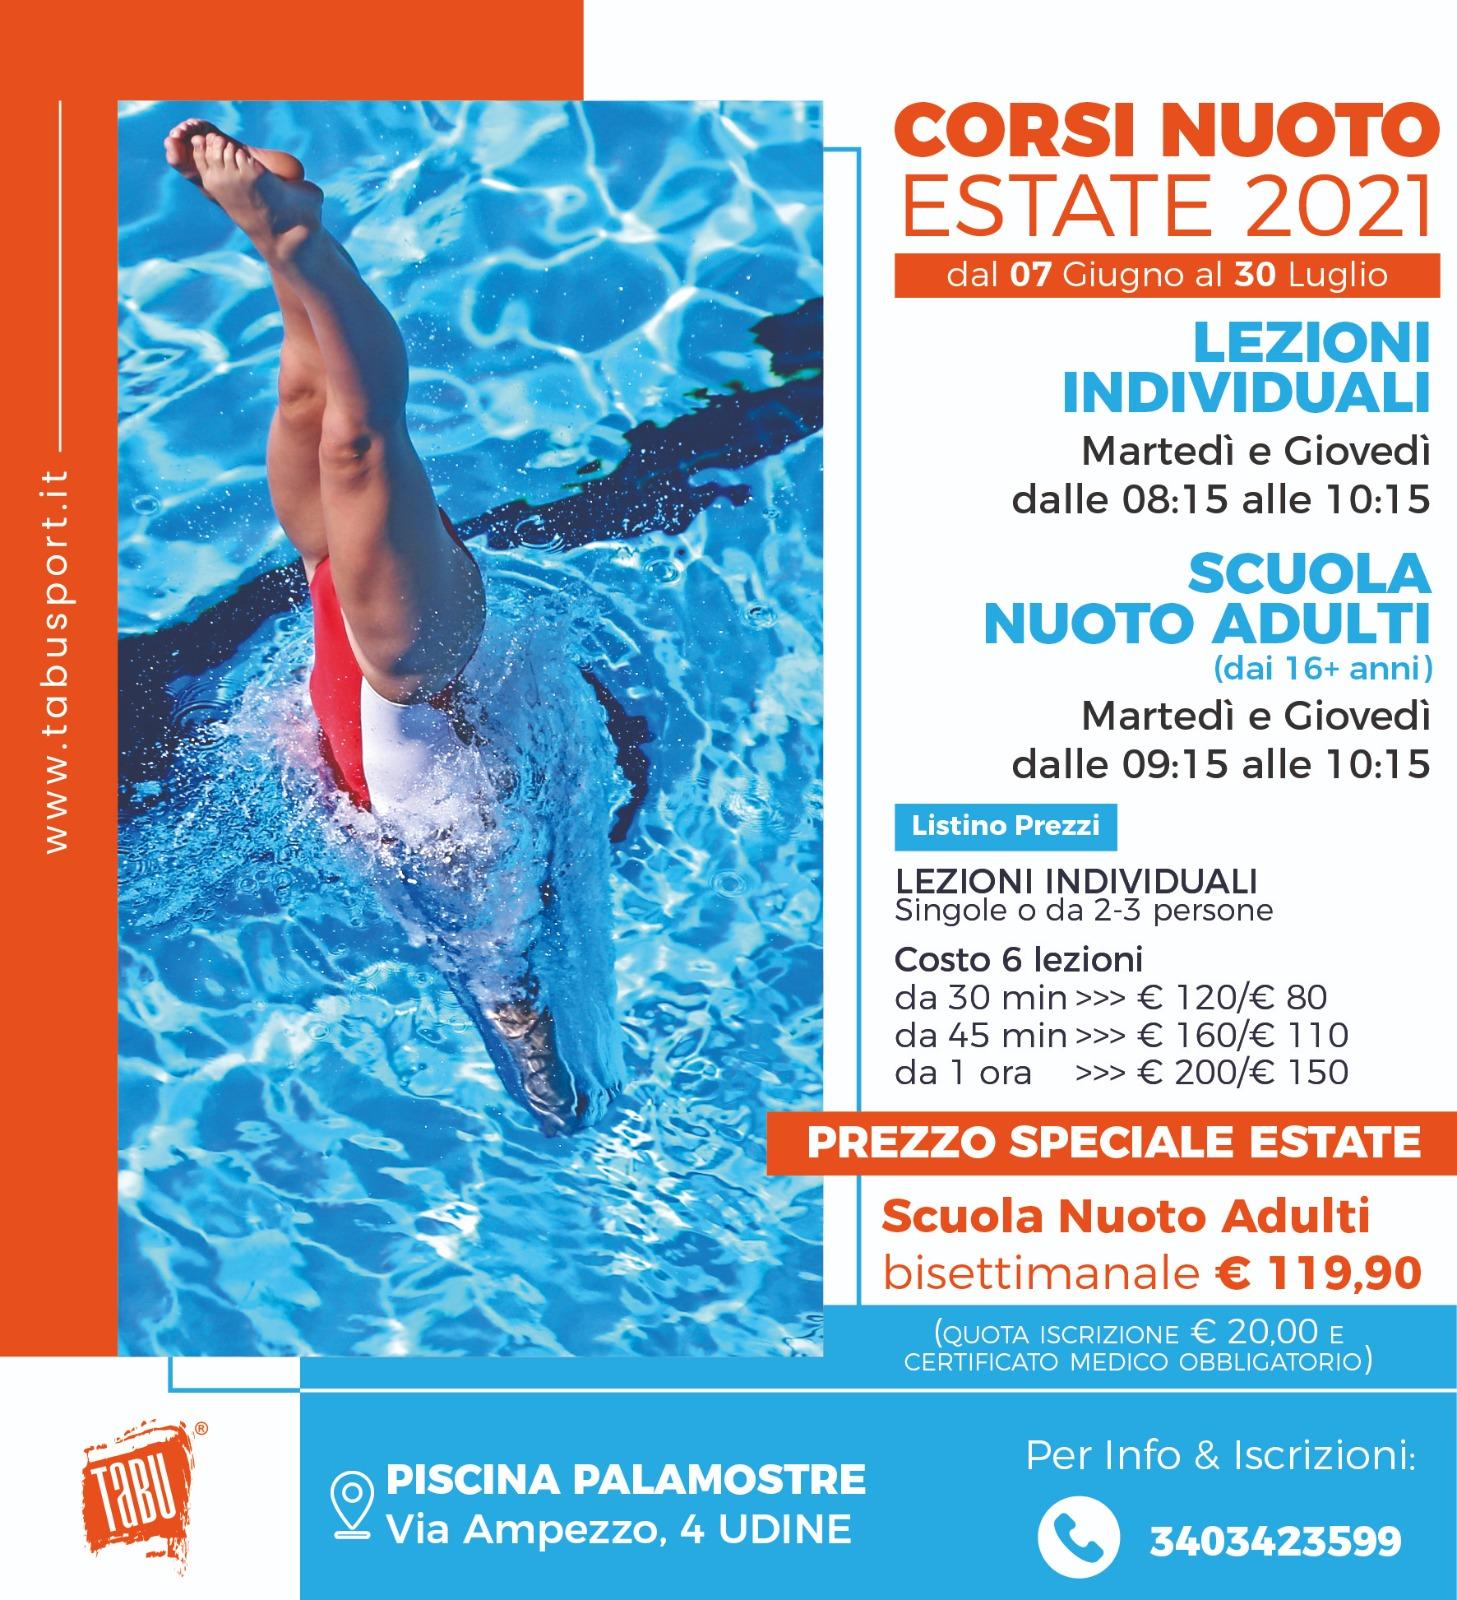 Corsi nuoto a Udine estate 2021